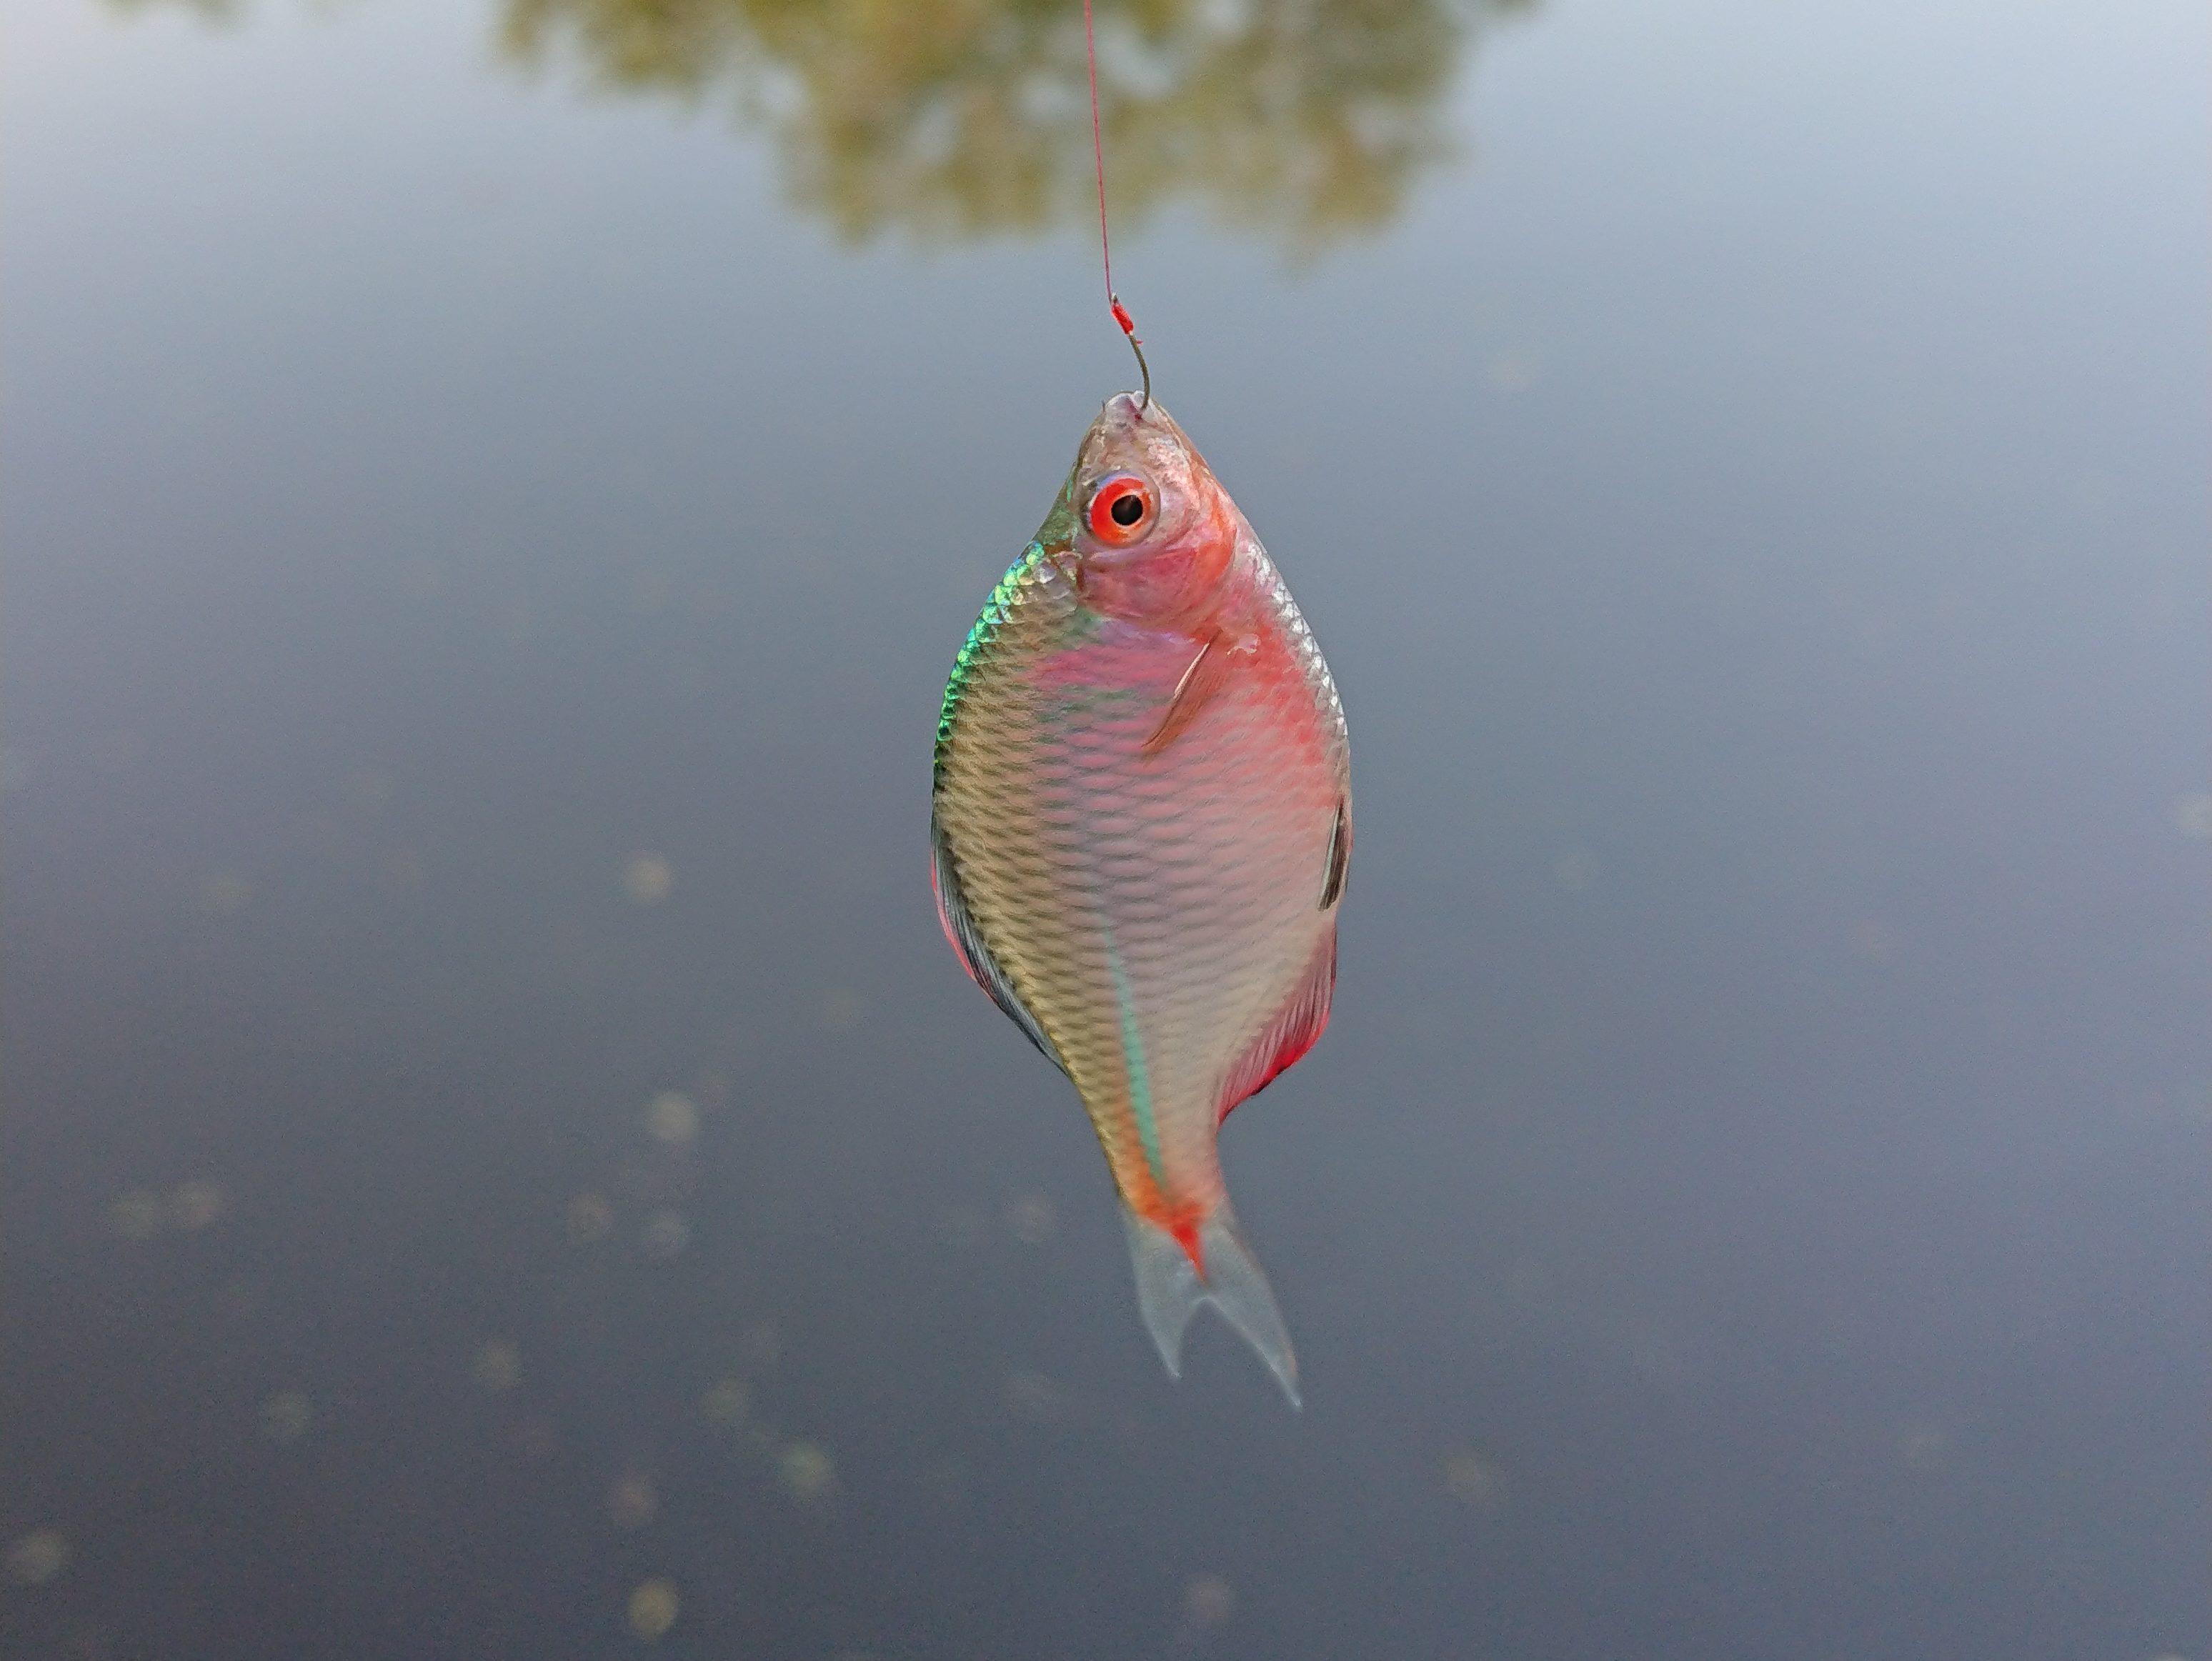 「ミニ釣り」の魅力を紹介!初心者でも簡単に小魚が釣れます♪